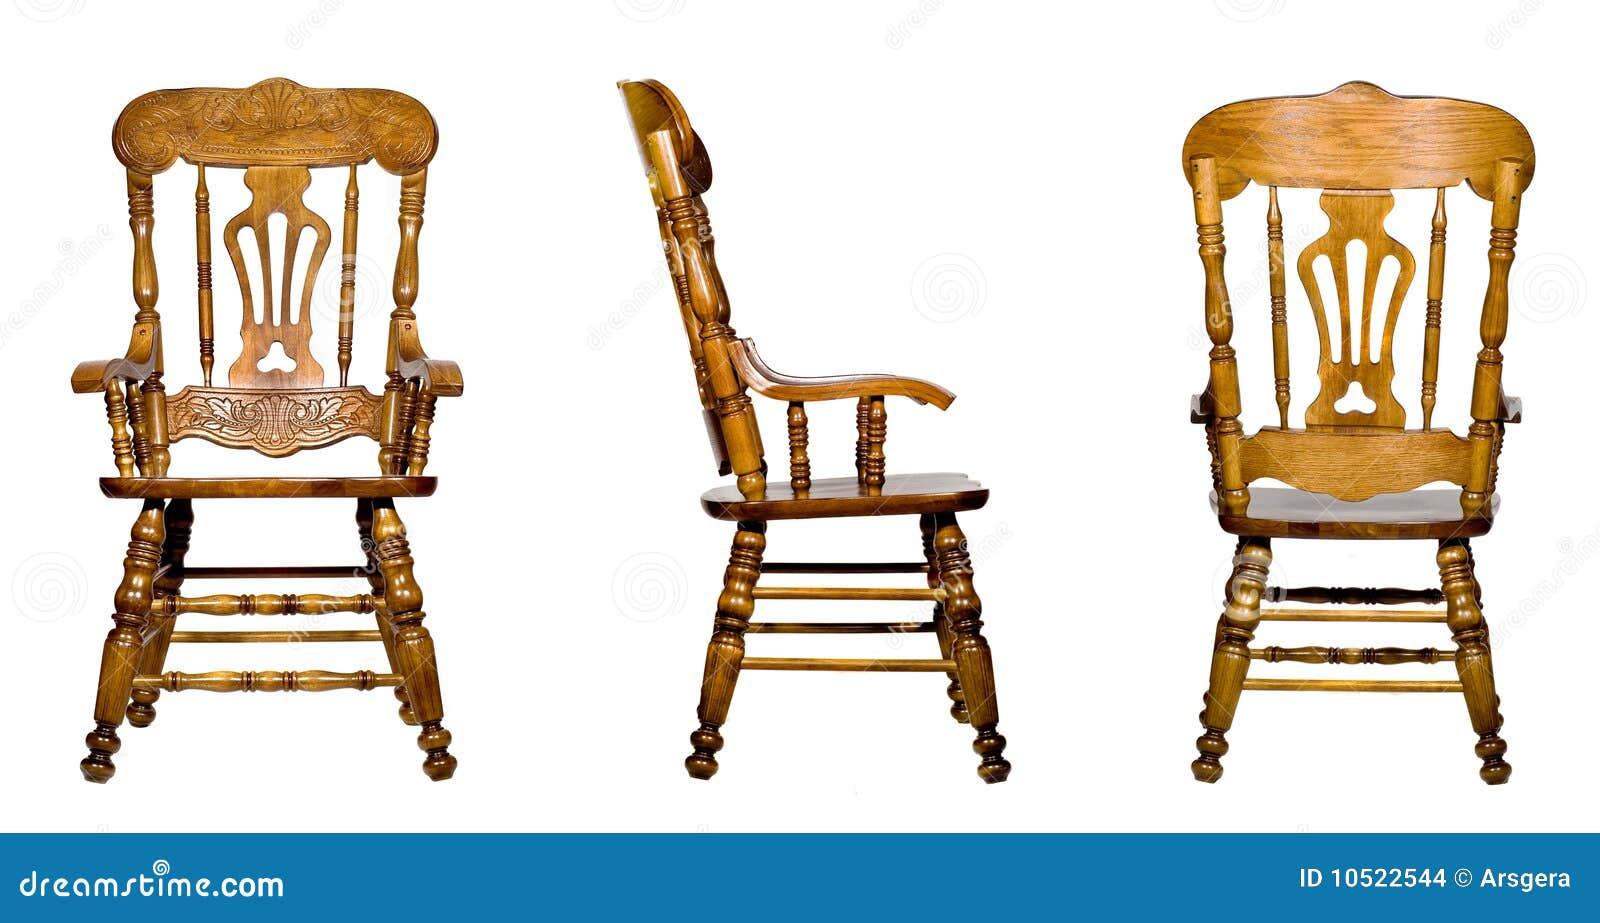 Antique wooden chairs - Imagens De Stock Colagem De 3 Opini 245 Es De Madeira Antigas Da Cadeira